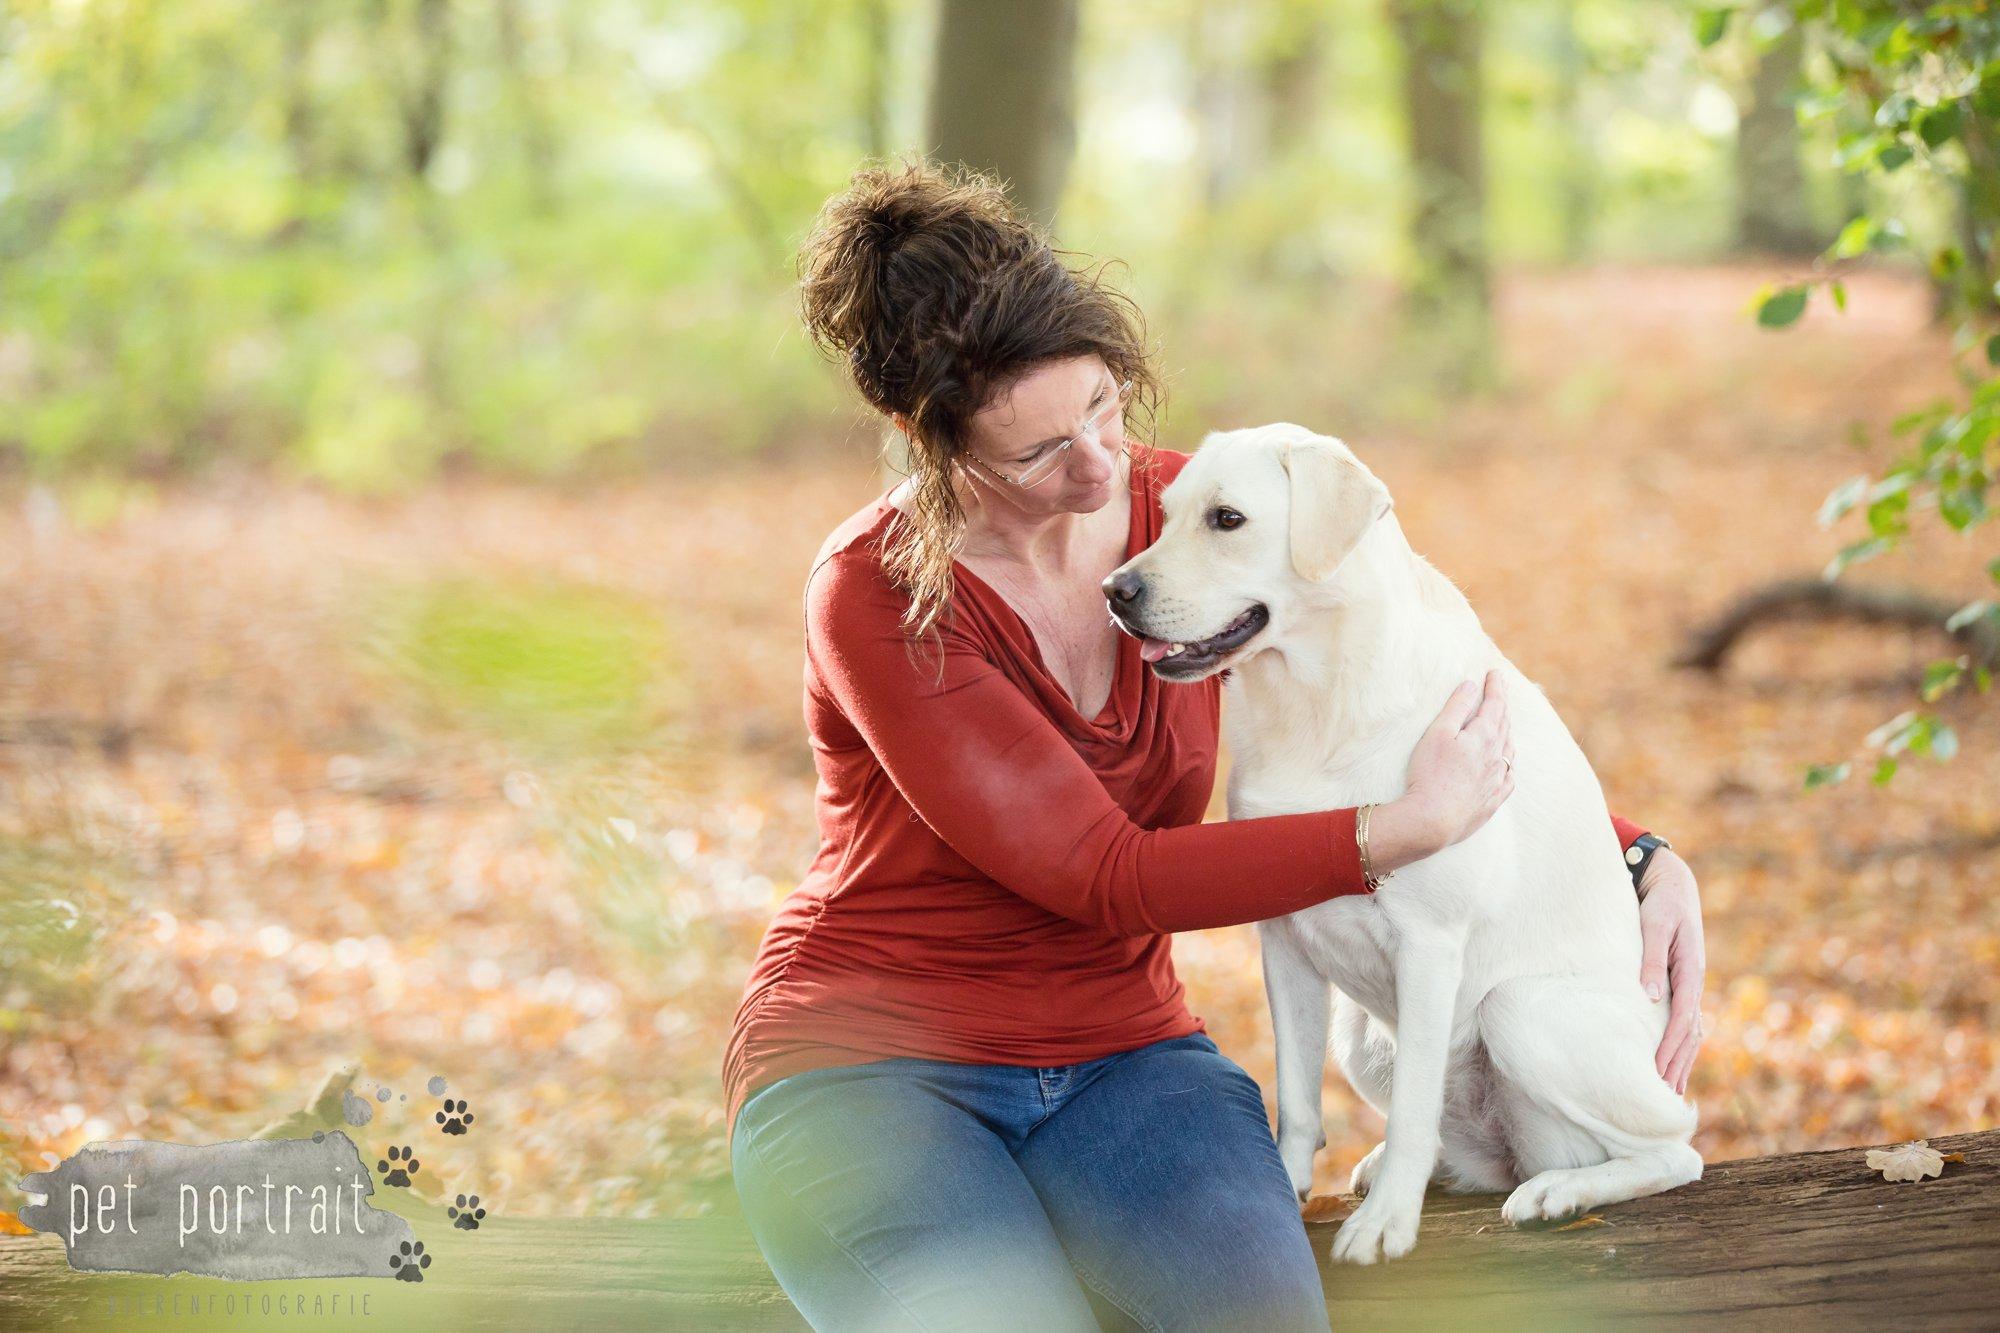 hondenfotograaf-s-graveland-beloved-dier-en-baasje-fotoshoot-labrador-juul-1